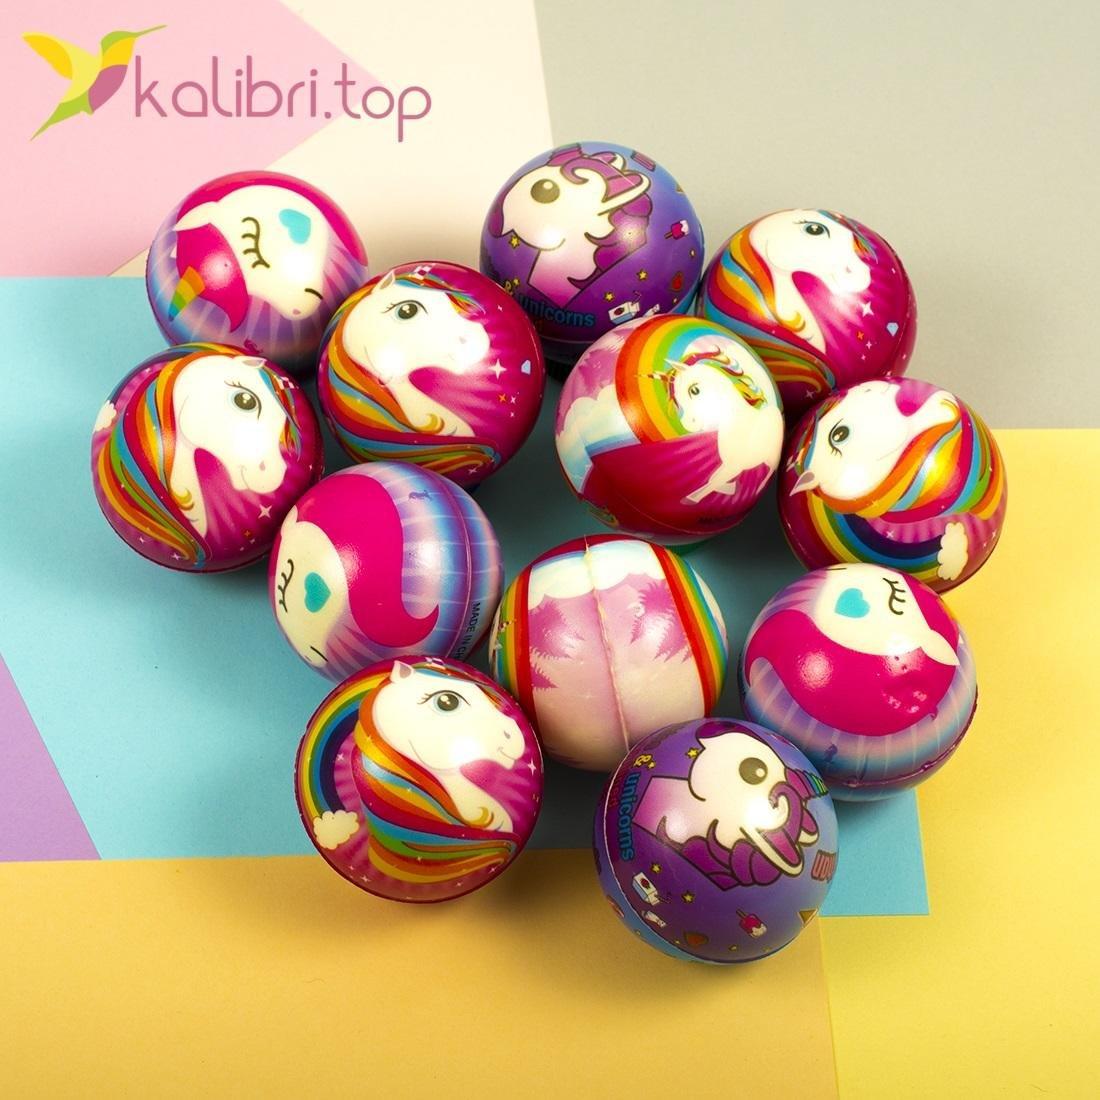 Мячики мягкие, поролоновые Единороги, оптом - фото 1